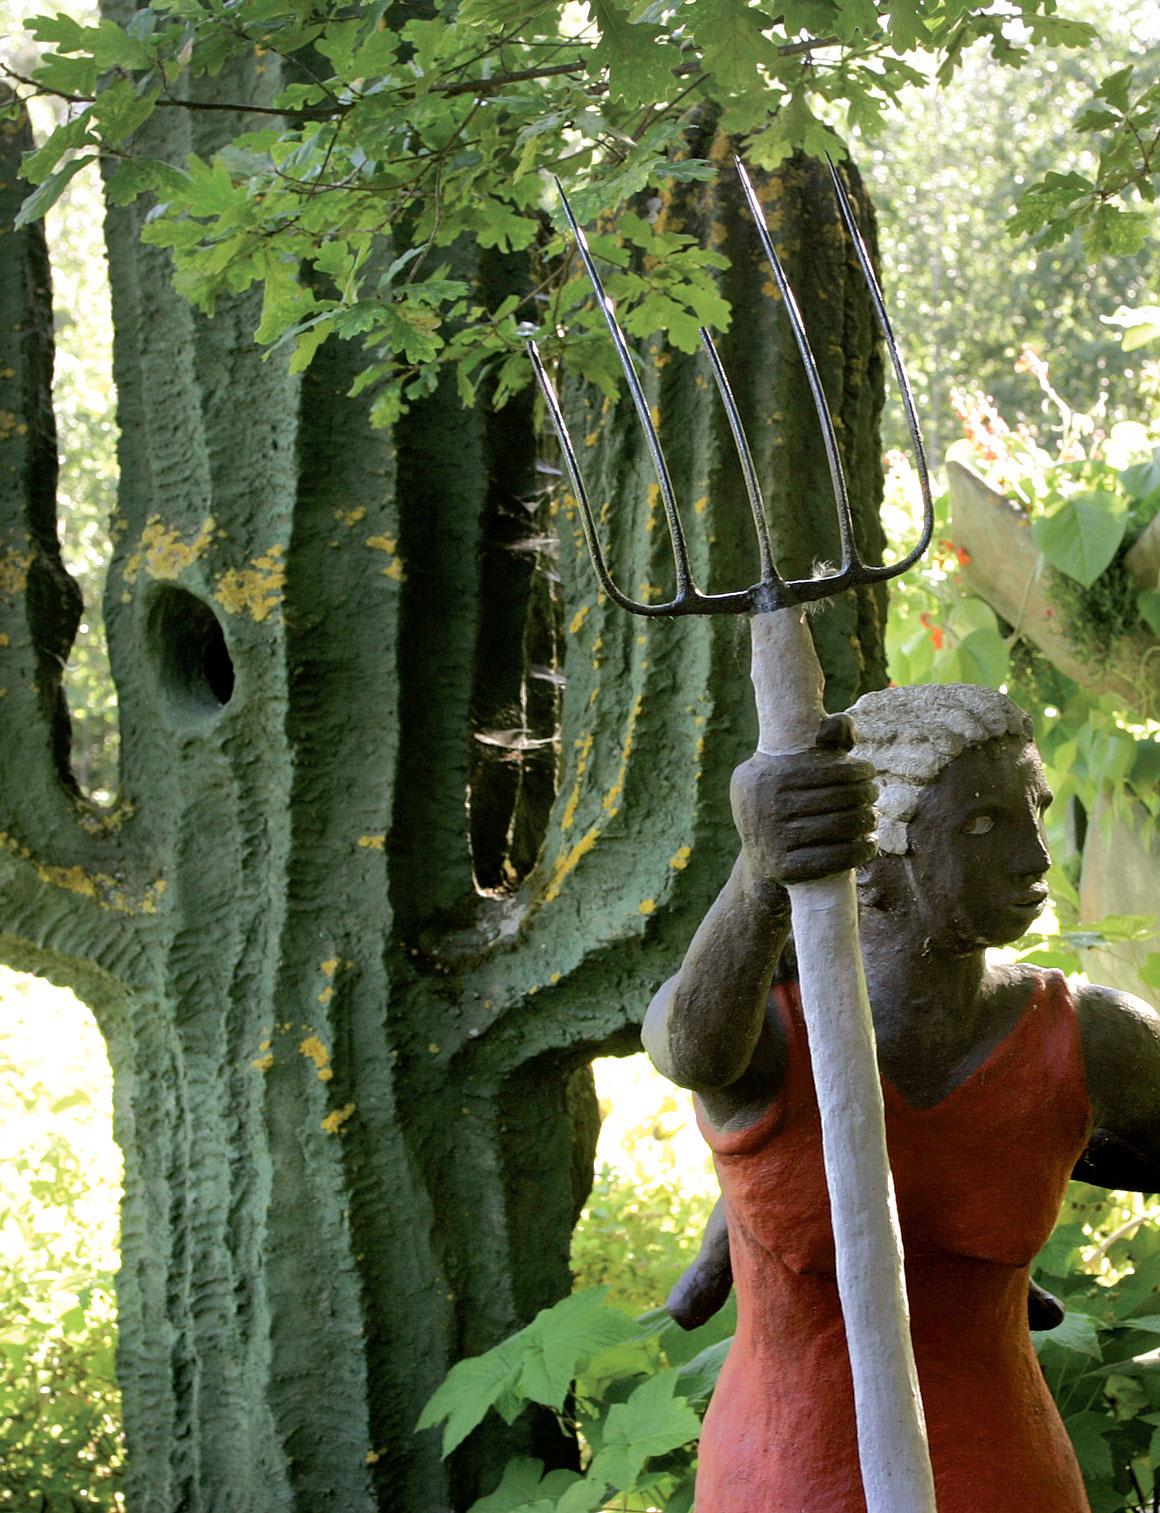 Puutarhan keskellä on eksoottisia kasvi- ja eläinveistoksia.